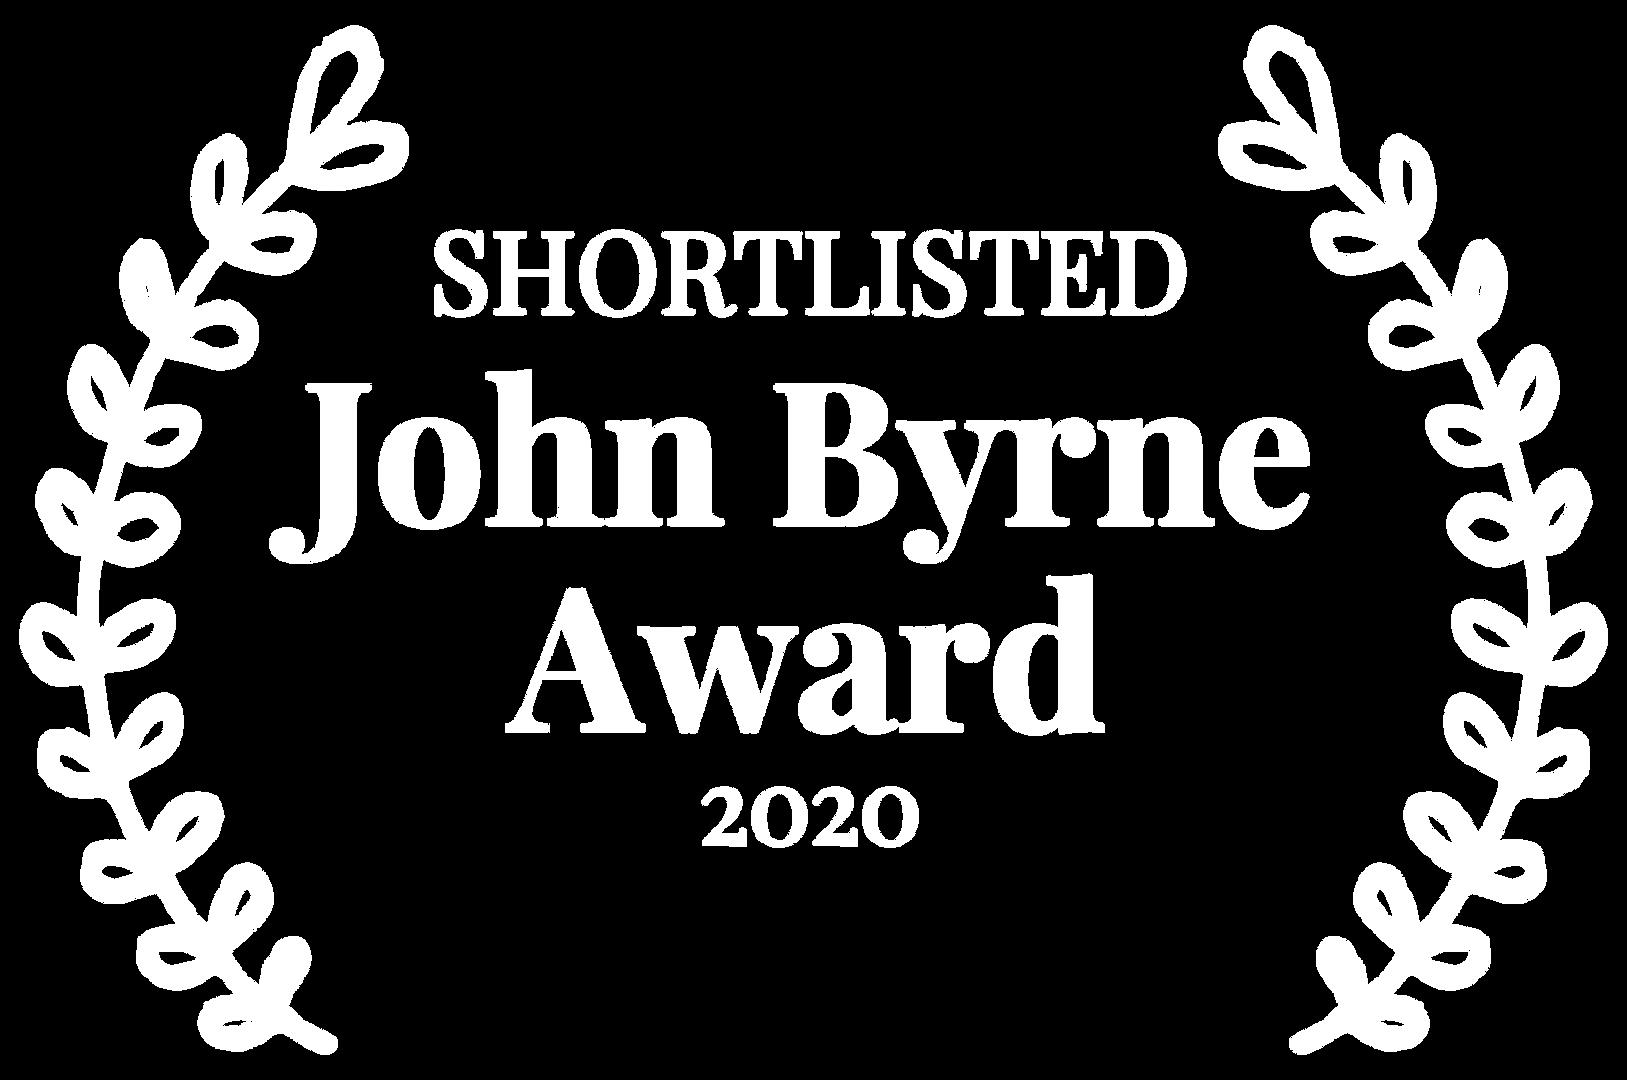 SHORTLISTED - John Byrne Award - 2020 (1